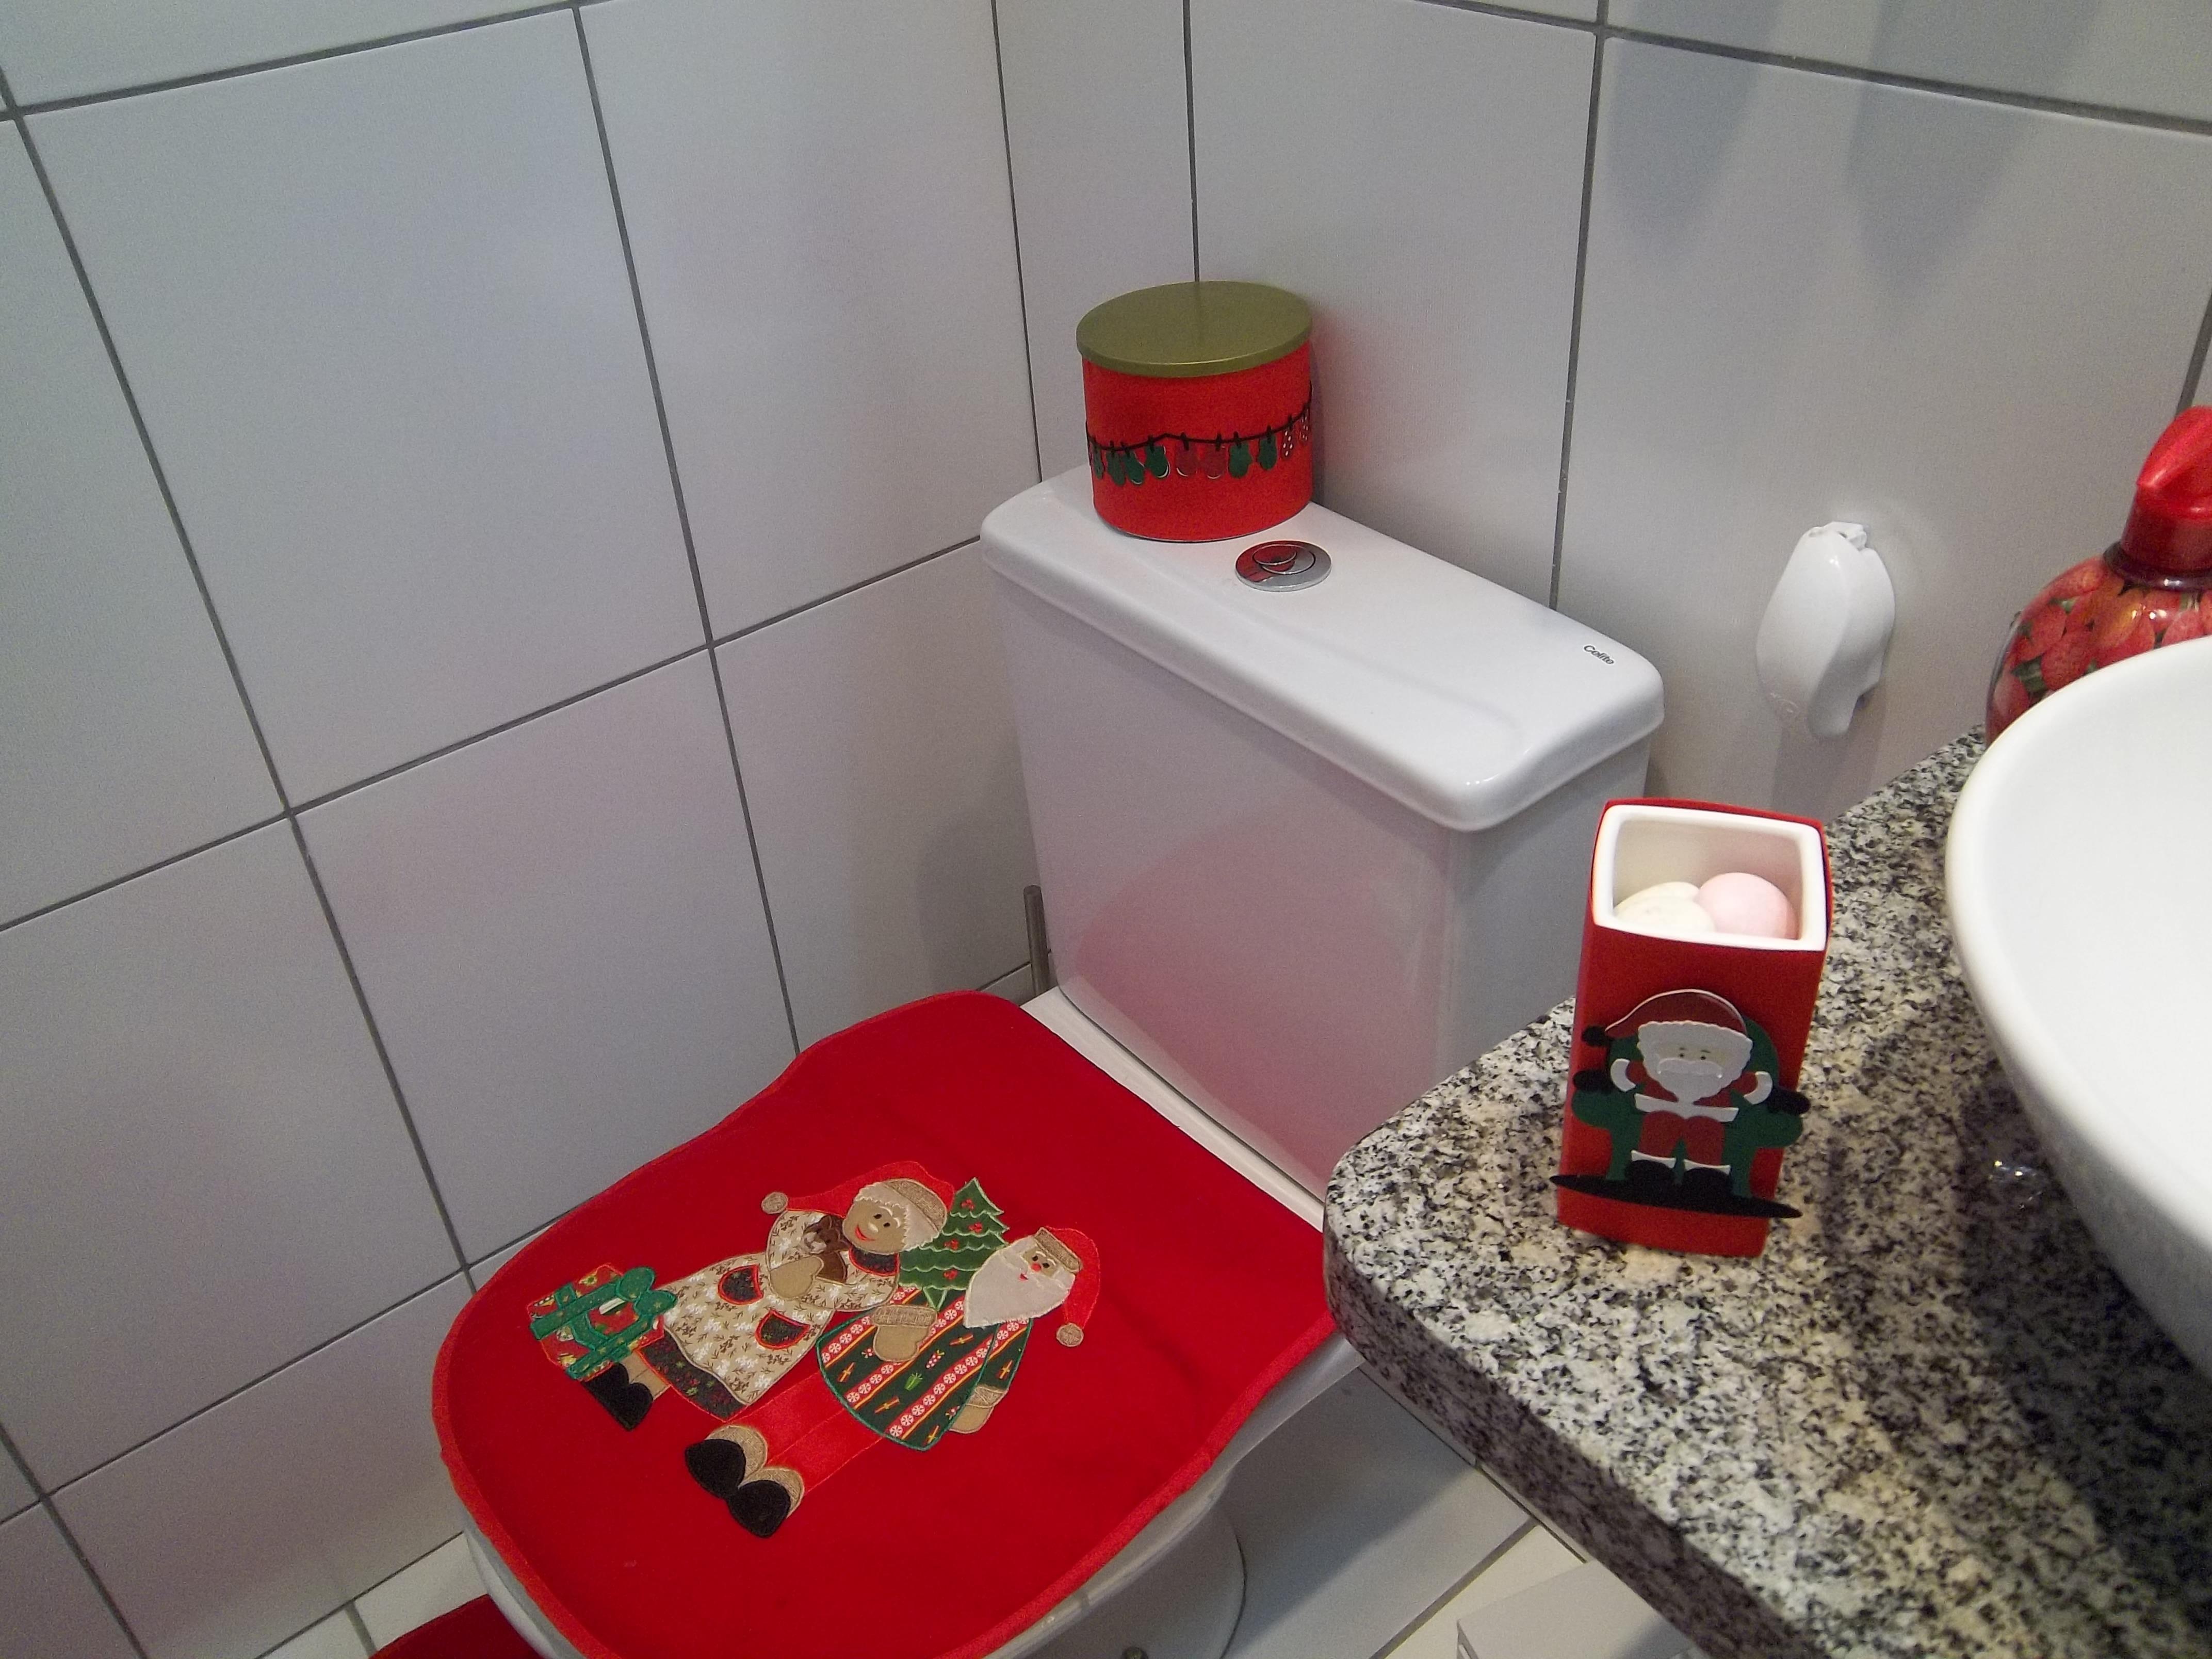 decoracao de lavabo para o natal: -de-natal-lavabo-papai-noel decoracao-de-natal-lavabo-decoracao-natal